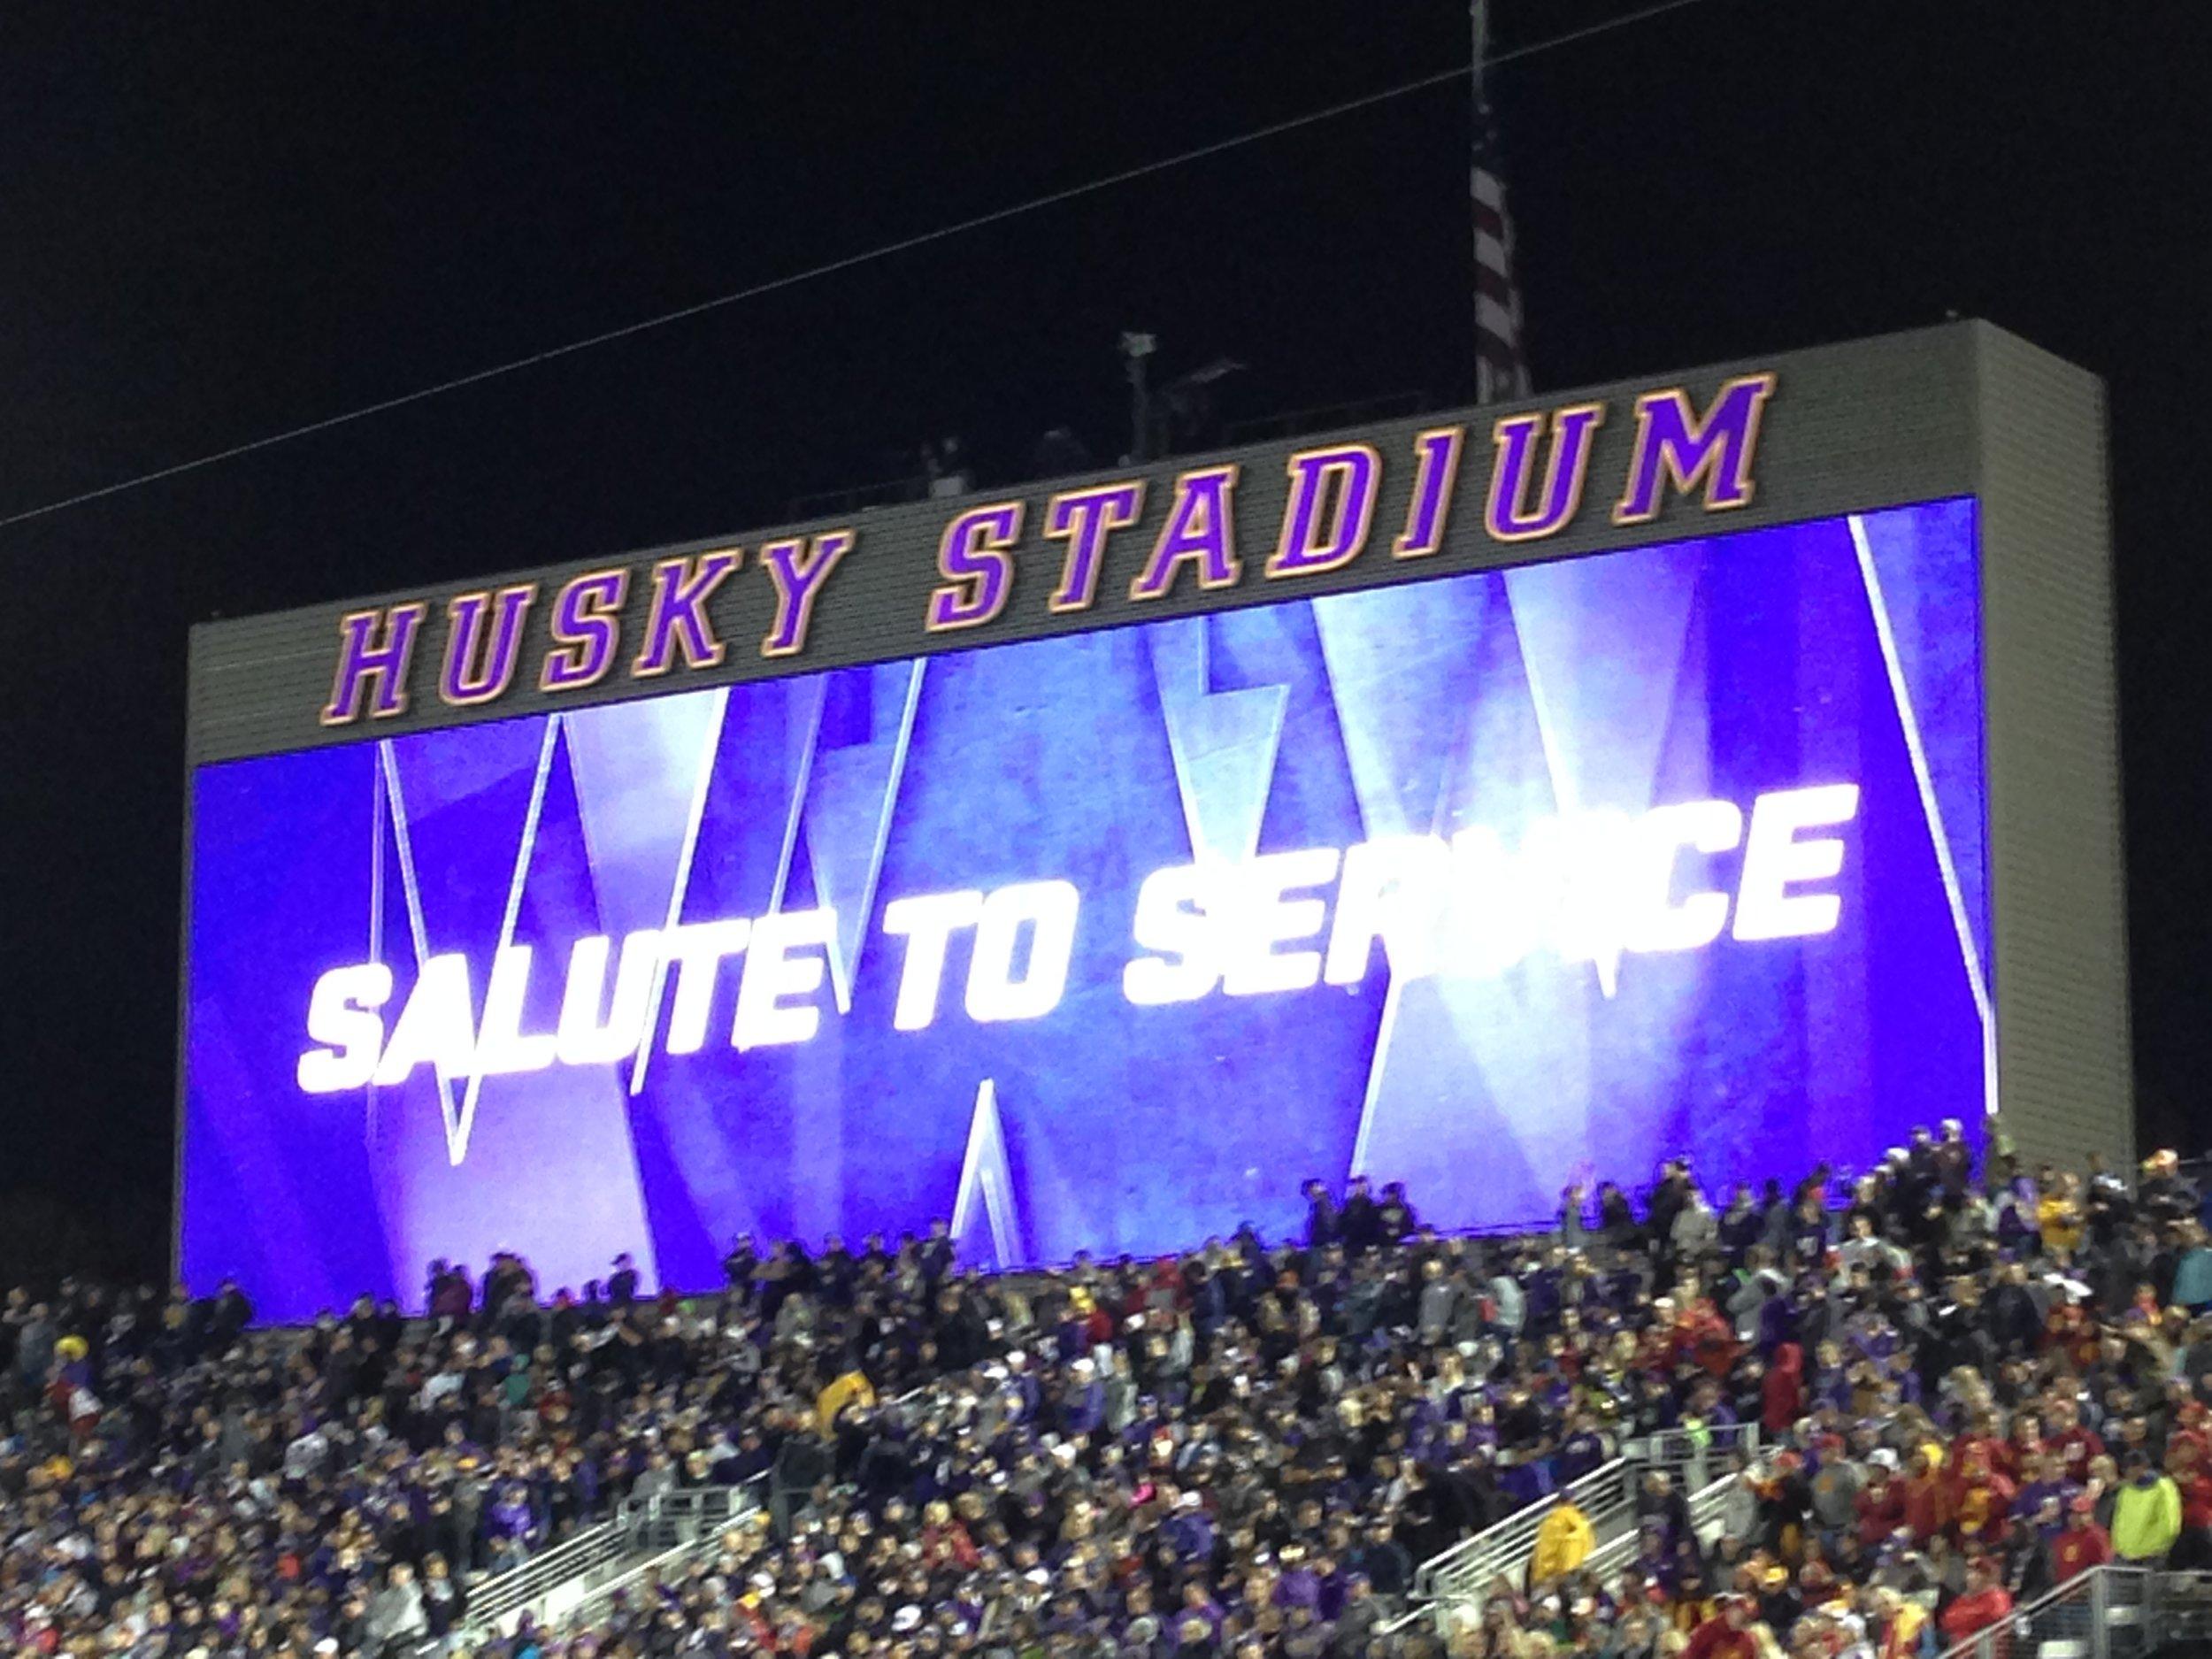 Salute to Service Game (Nov)